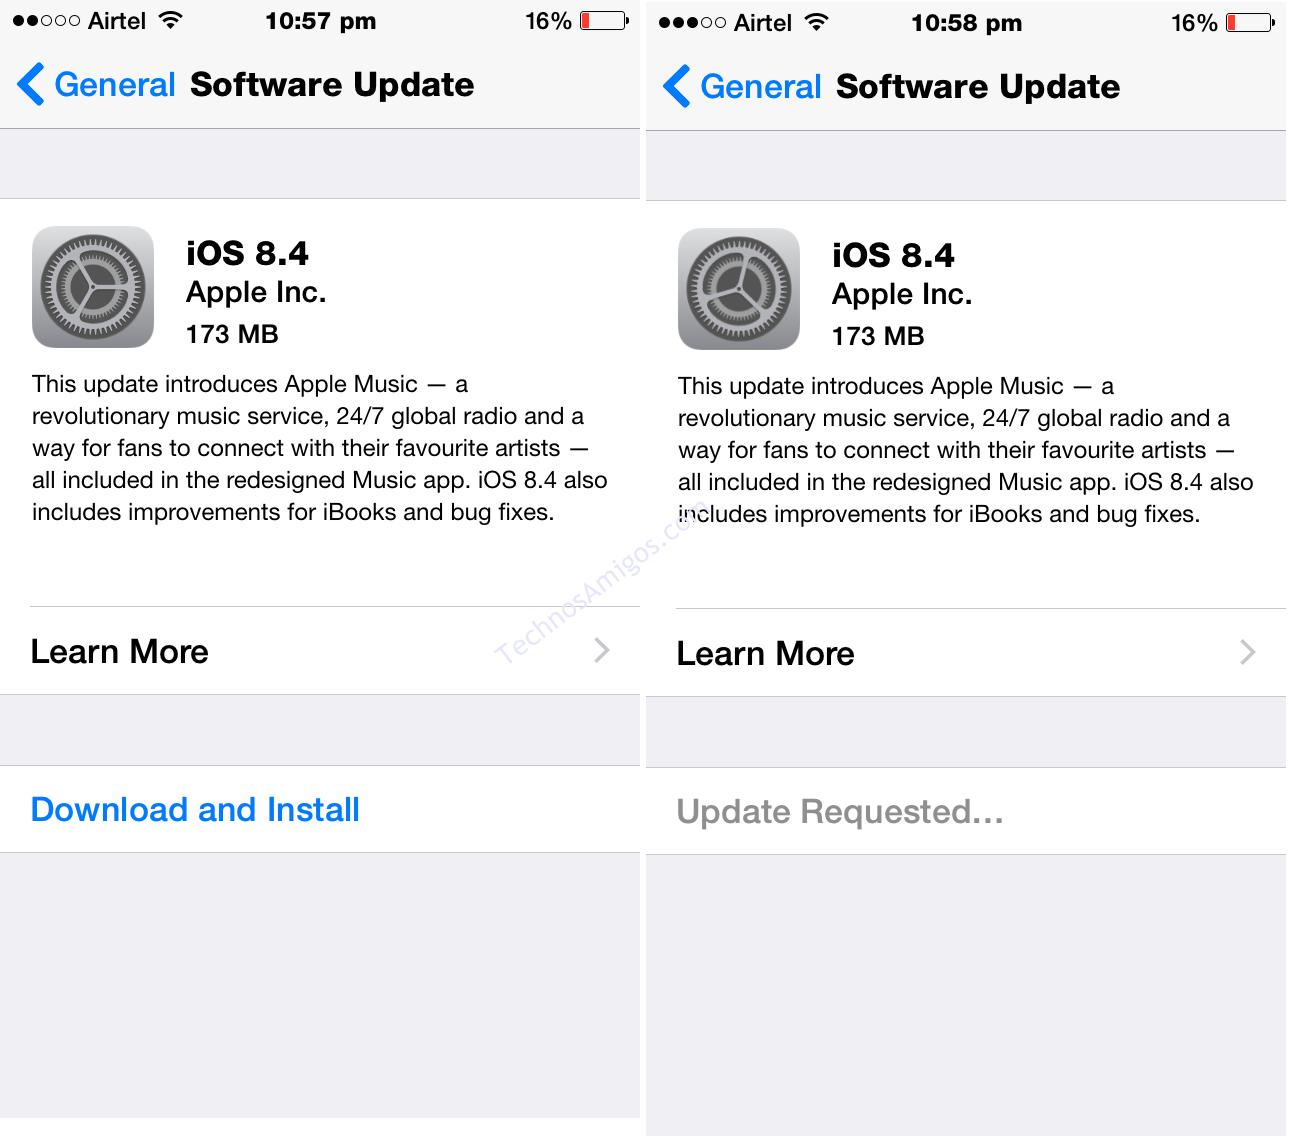 iPhone iOS 8.4 update